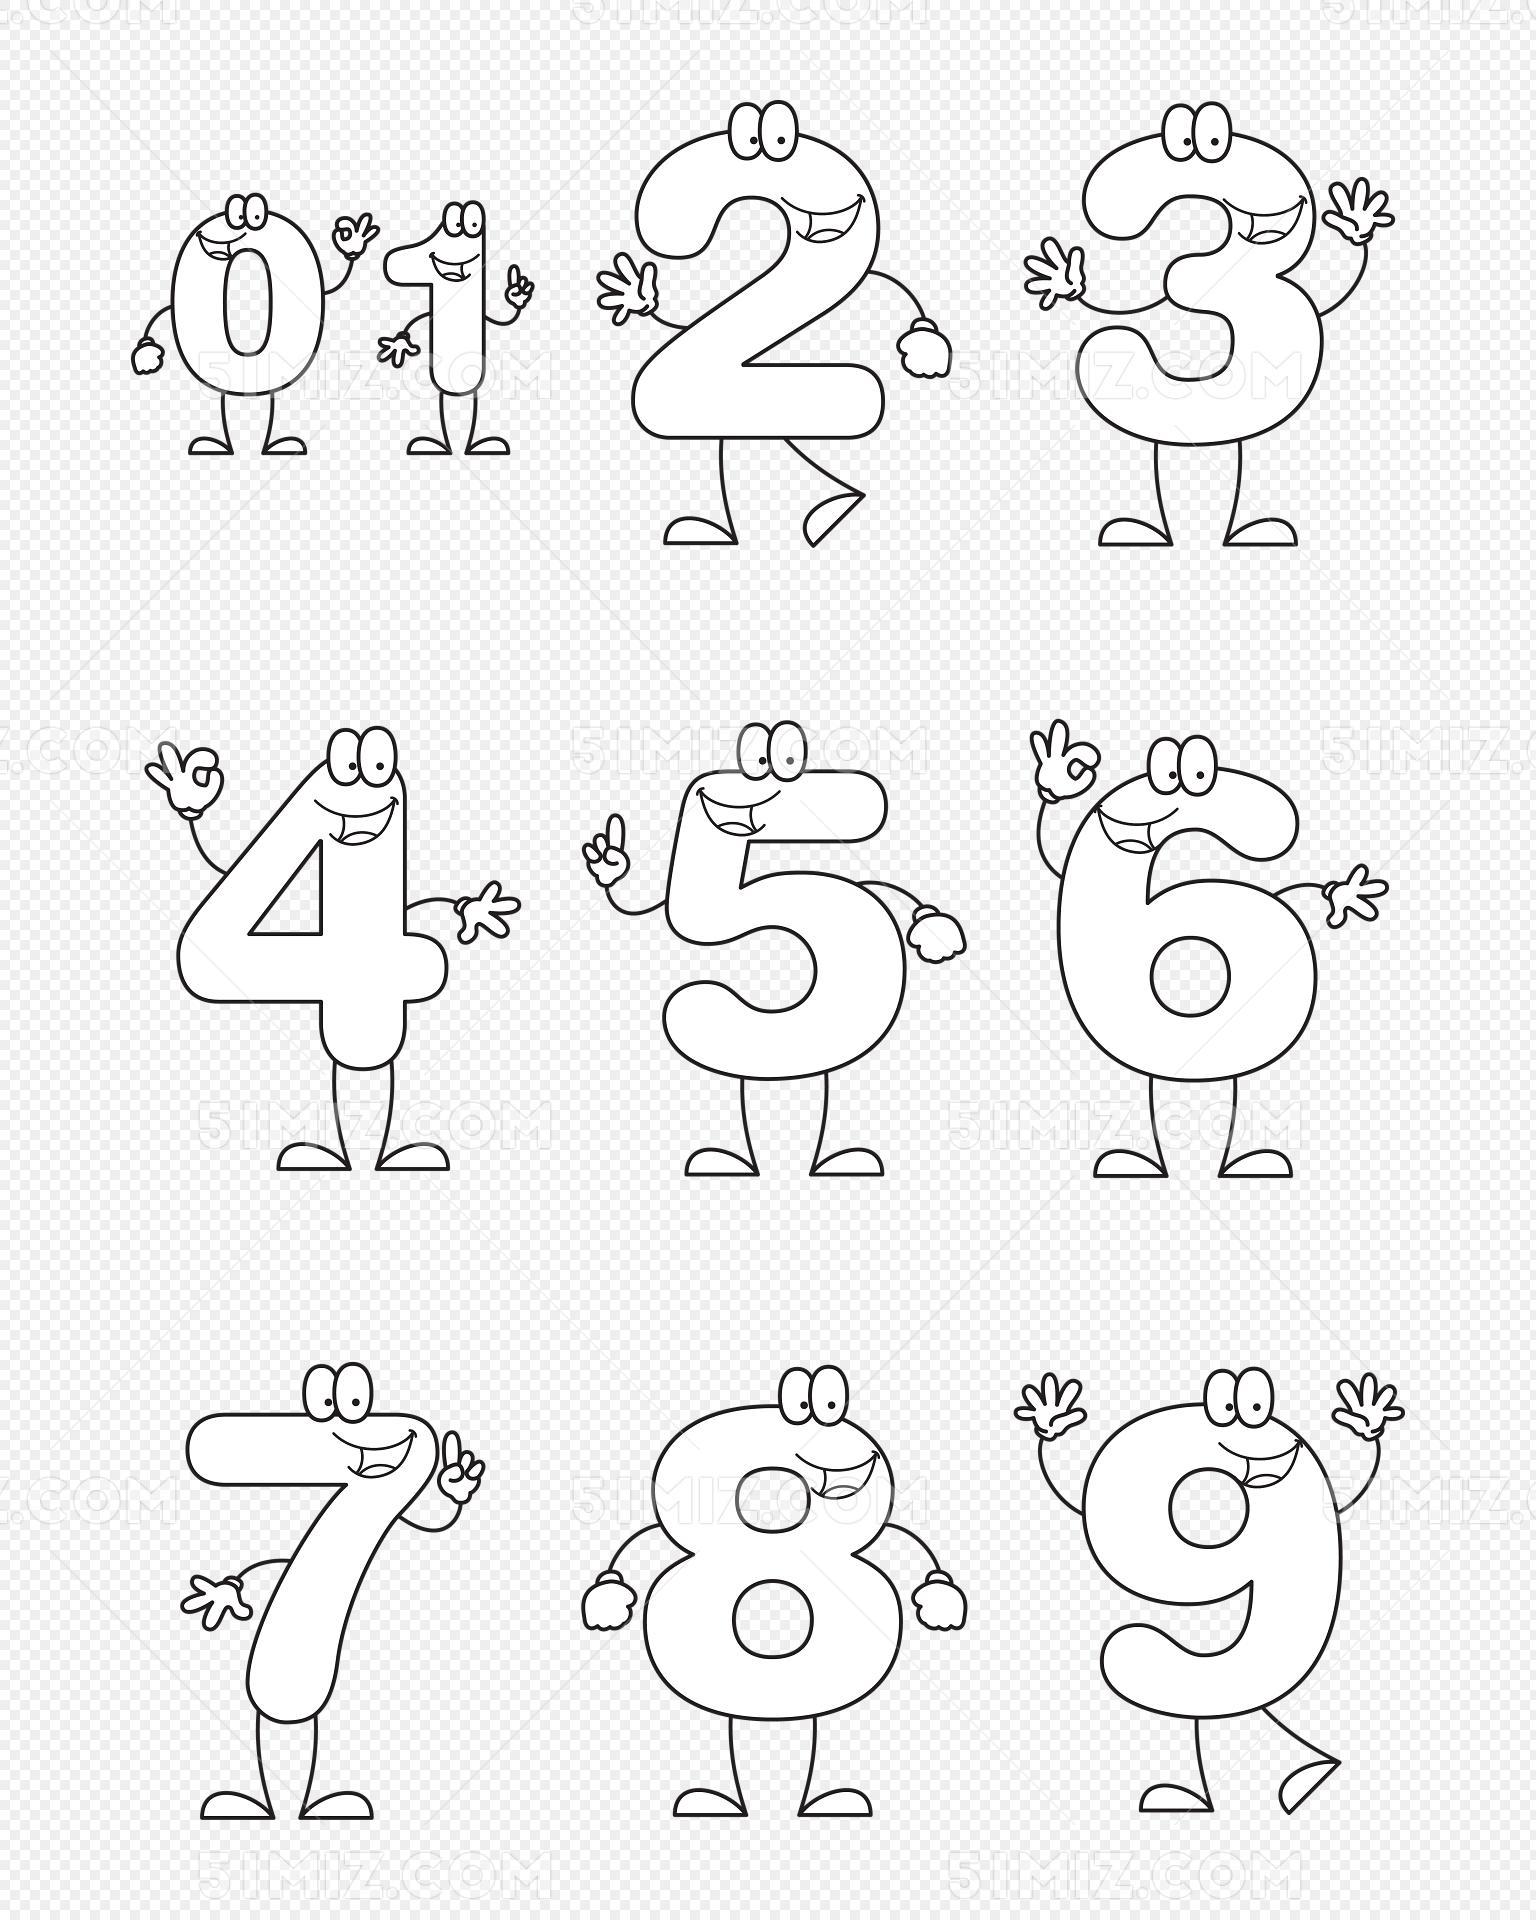 0-9数字创意简笔画可爱数字矢量图形